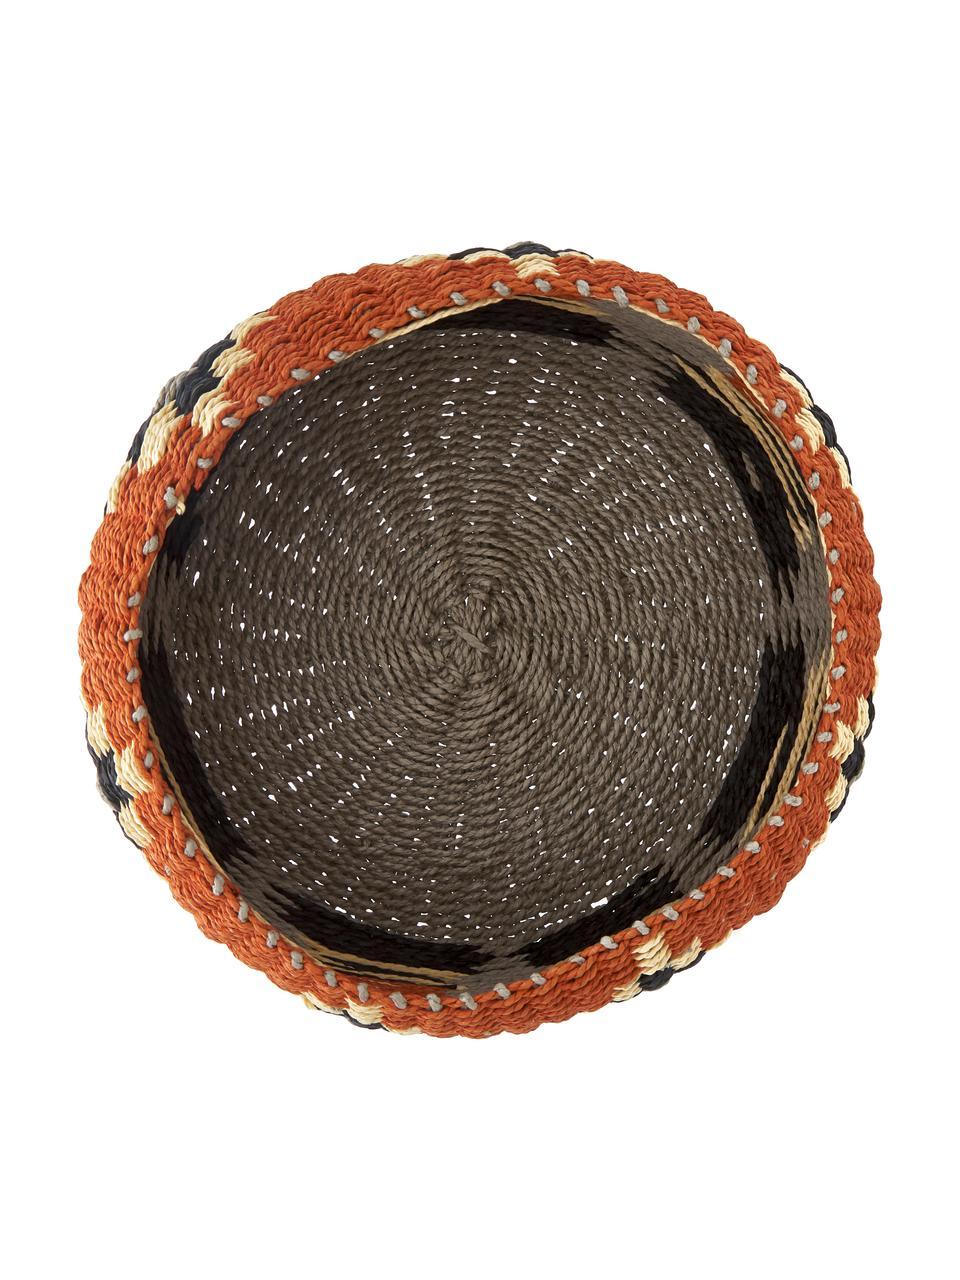 Aufbewahrungskorb Matta aus festem Papier, Festes Papier, geflochten, Rostrot, Grau, Beige, Ø 27 x H 12 cm